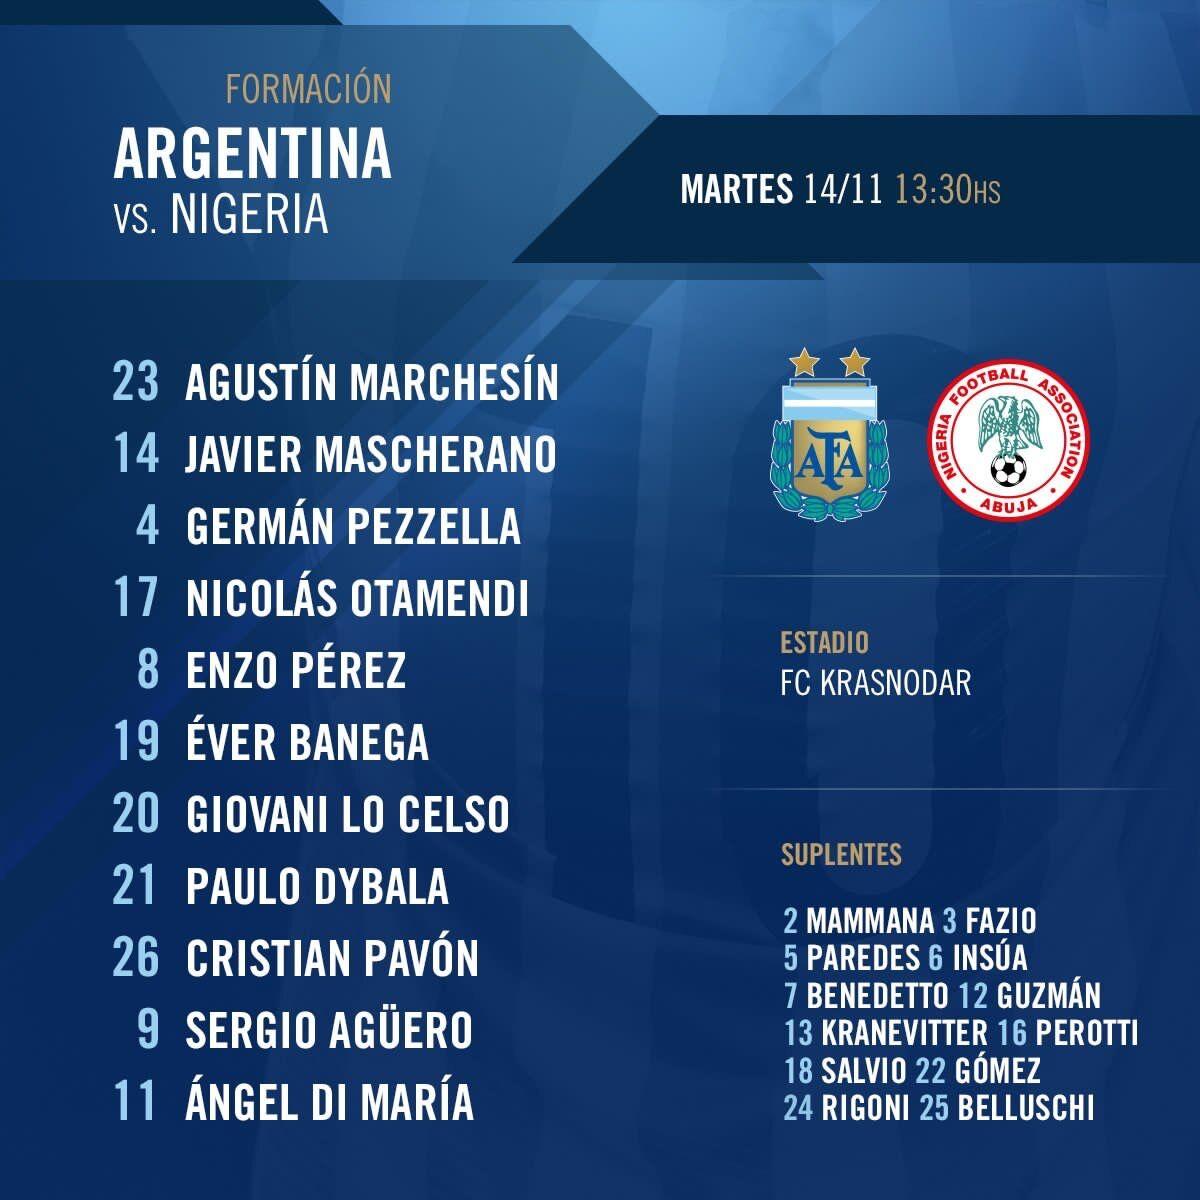 阿根廷vs尼日利亚:迪马利亚、阿圭罗先发,迪巴拉登场